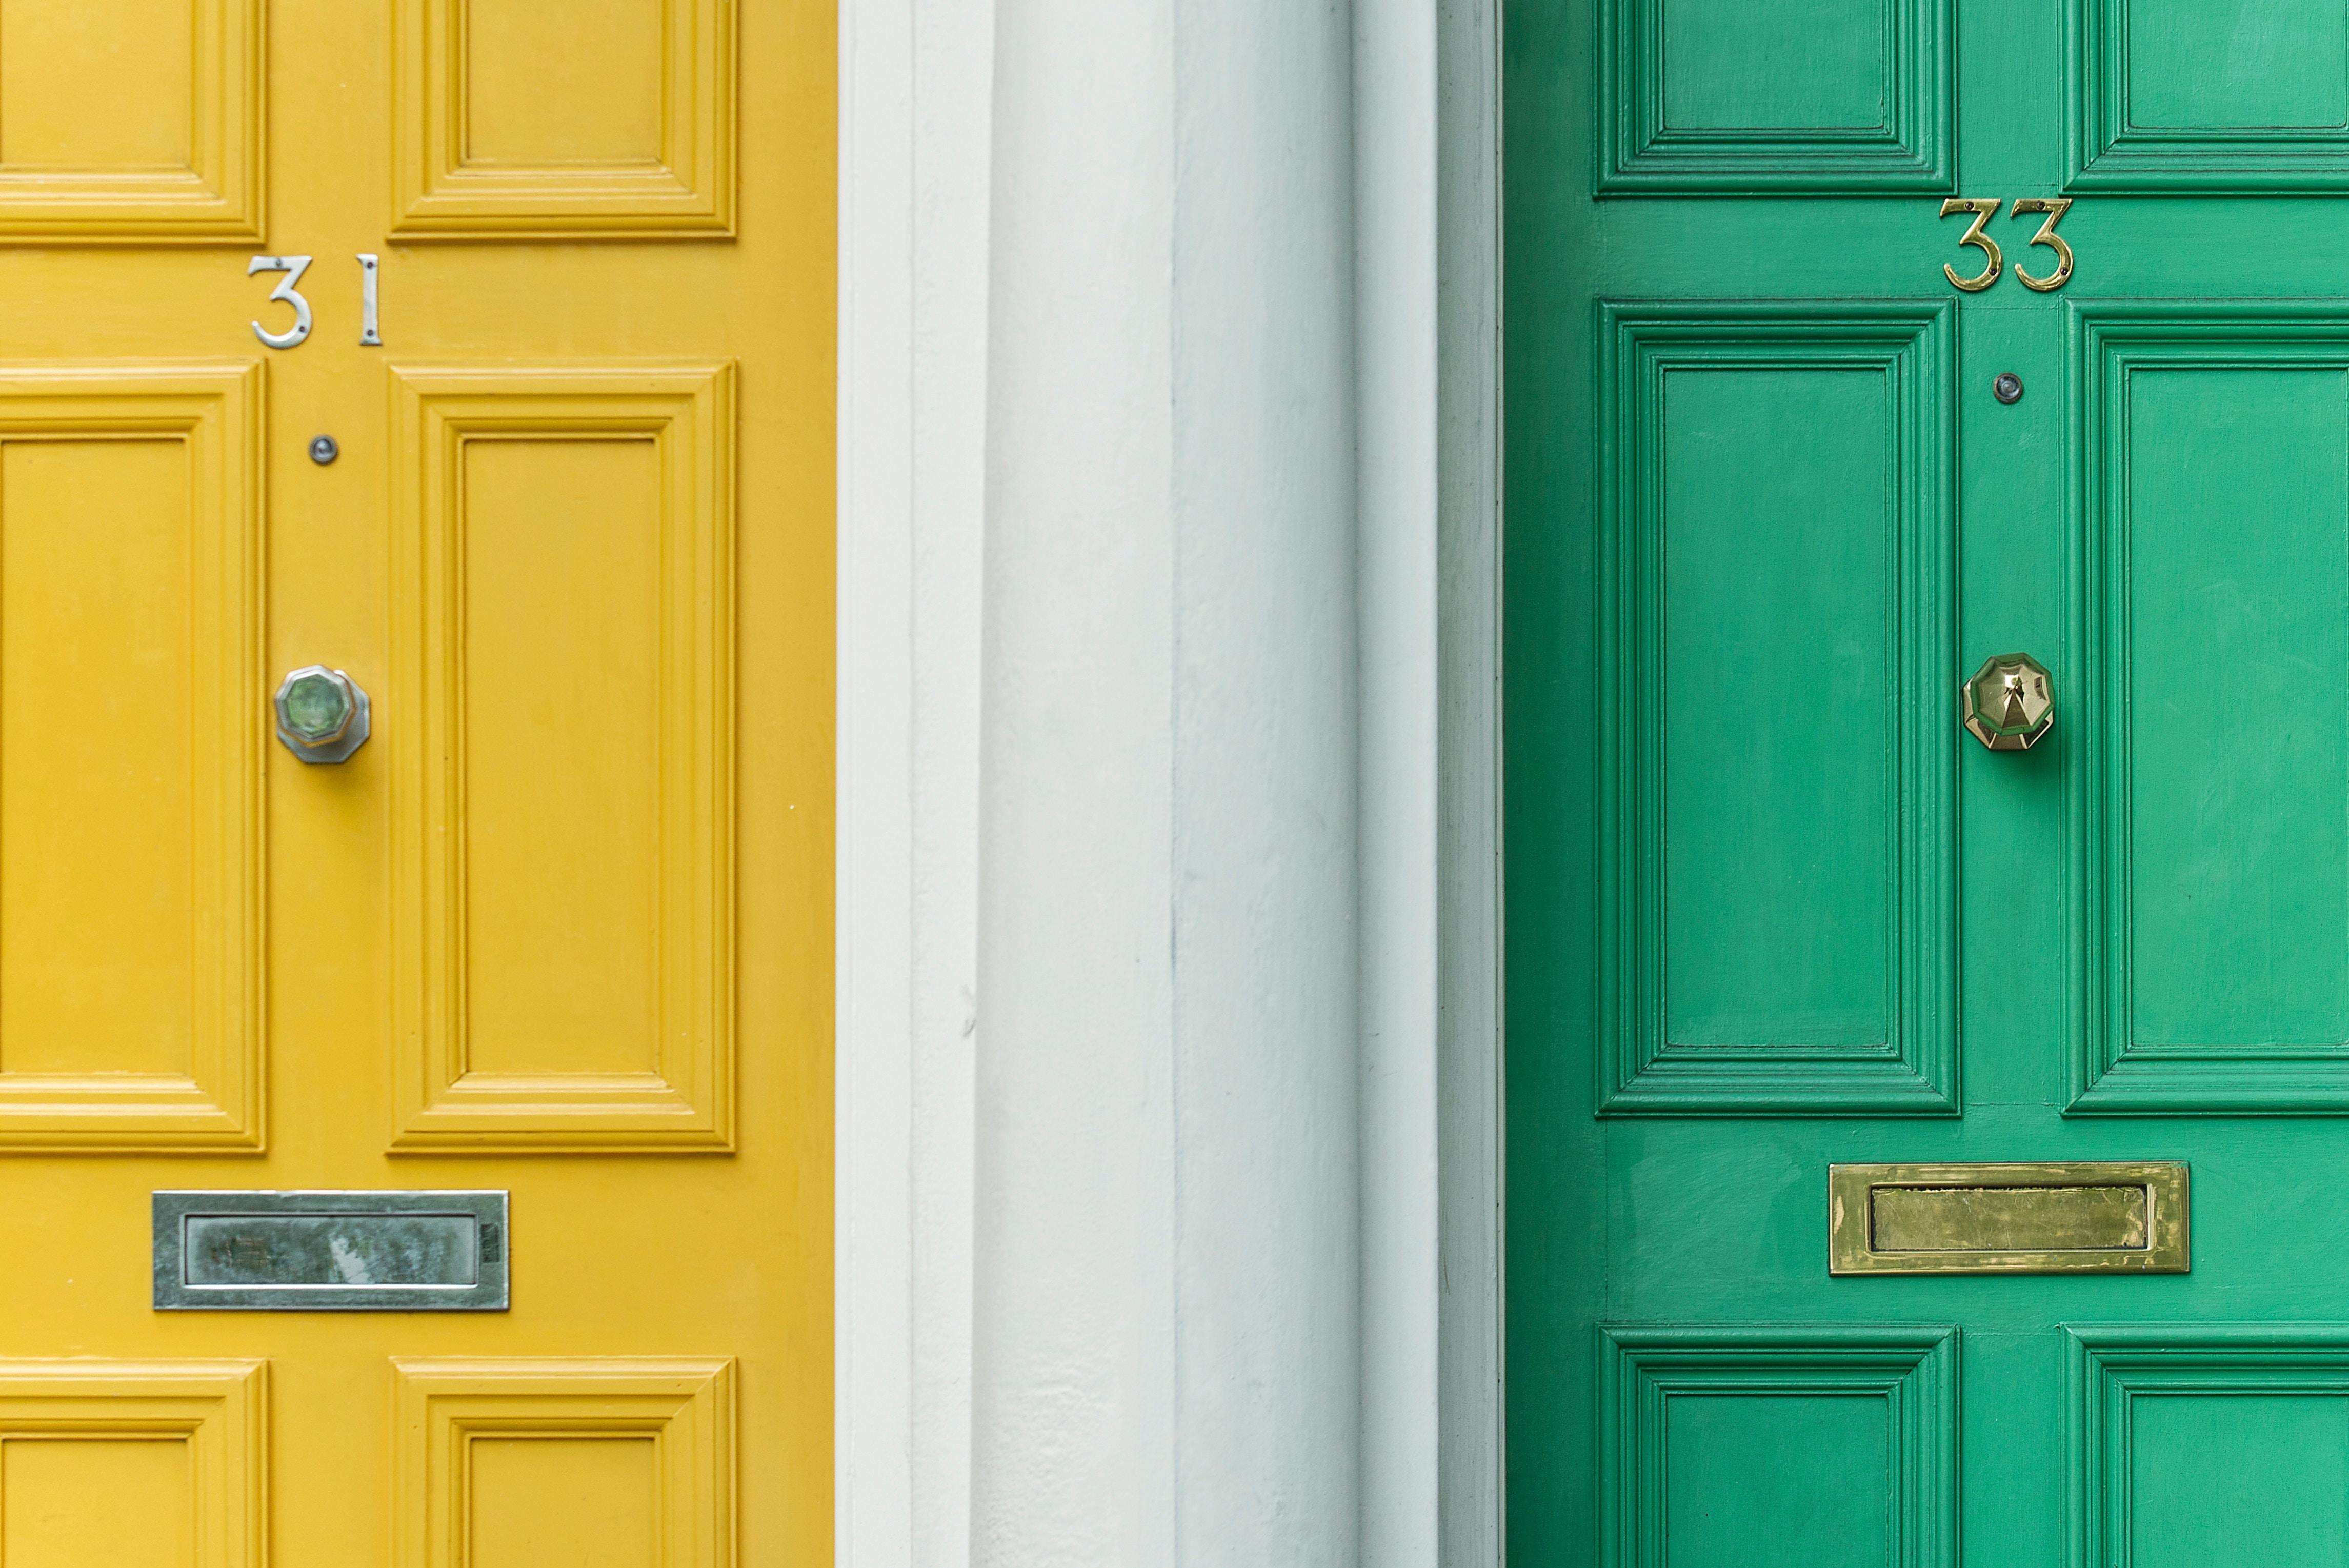 Deux portes d'entrée vertes et jaunes